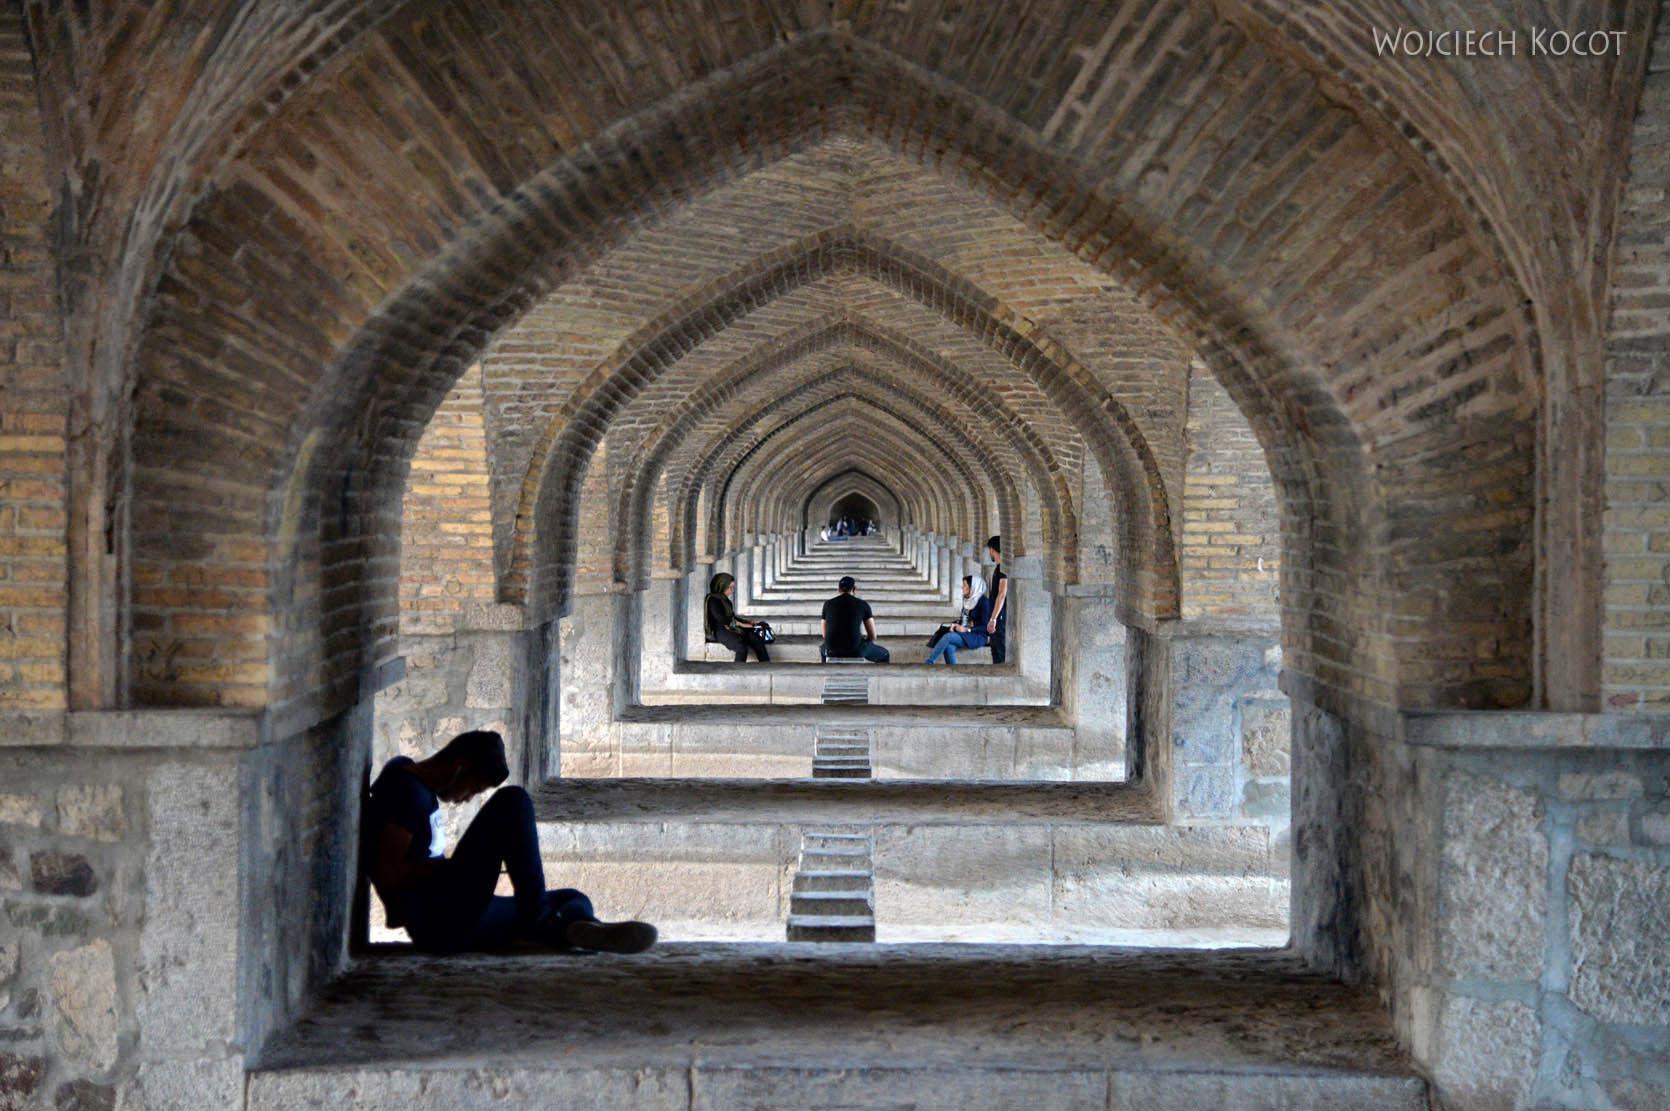 Irnr210-Isfahan-Most Matka